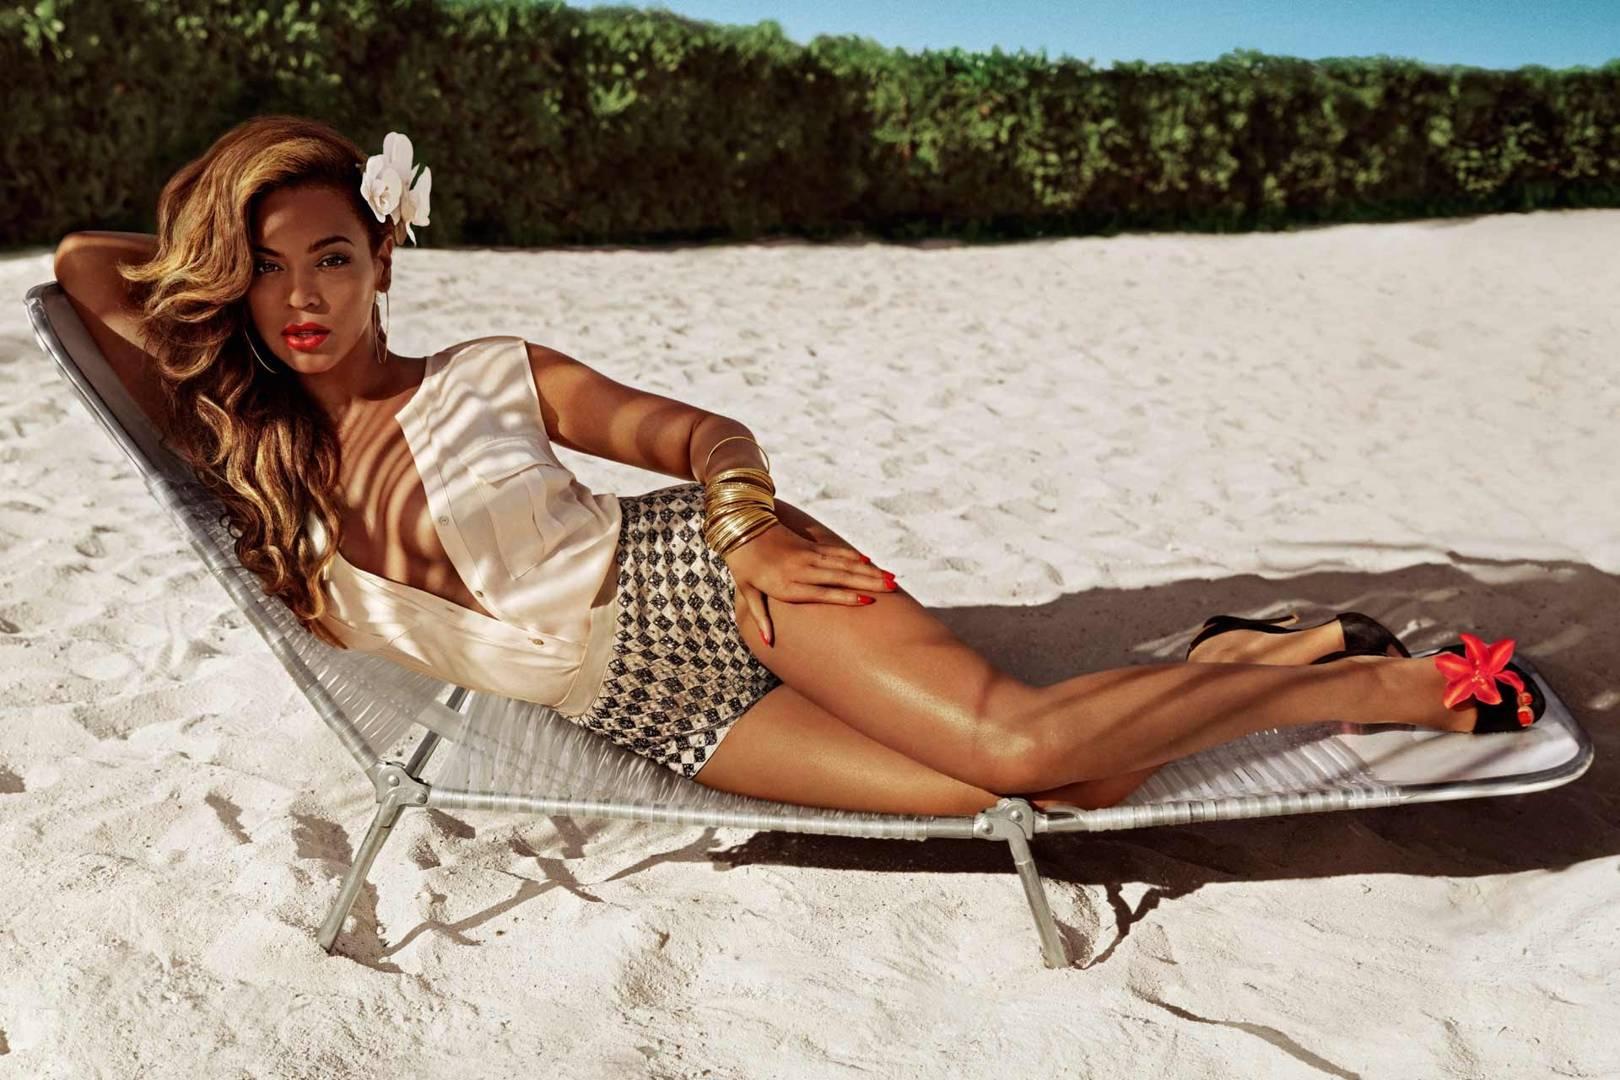 Watch Beyoncé For HM Swimwear 2013 Campaign video